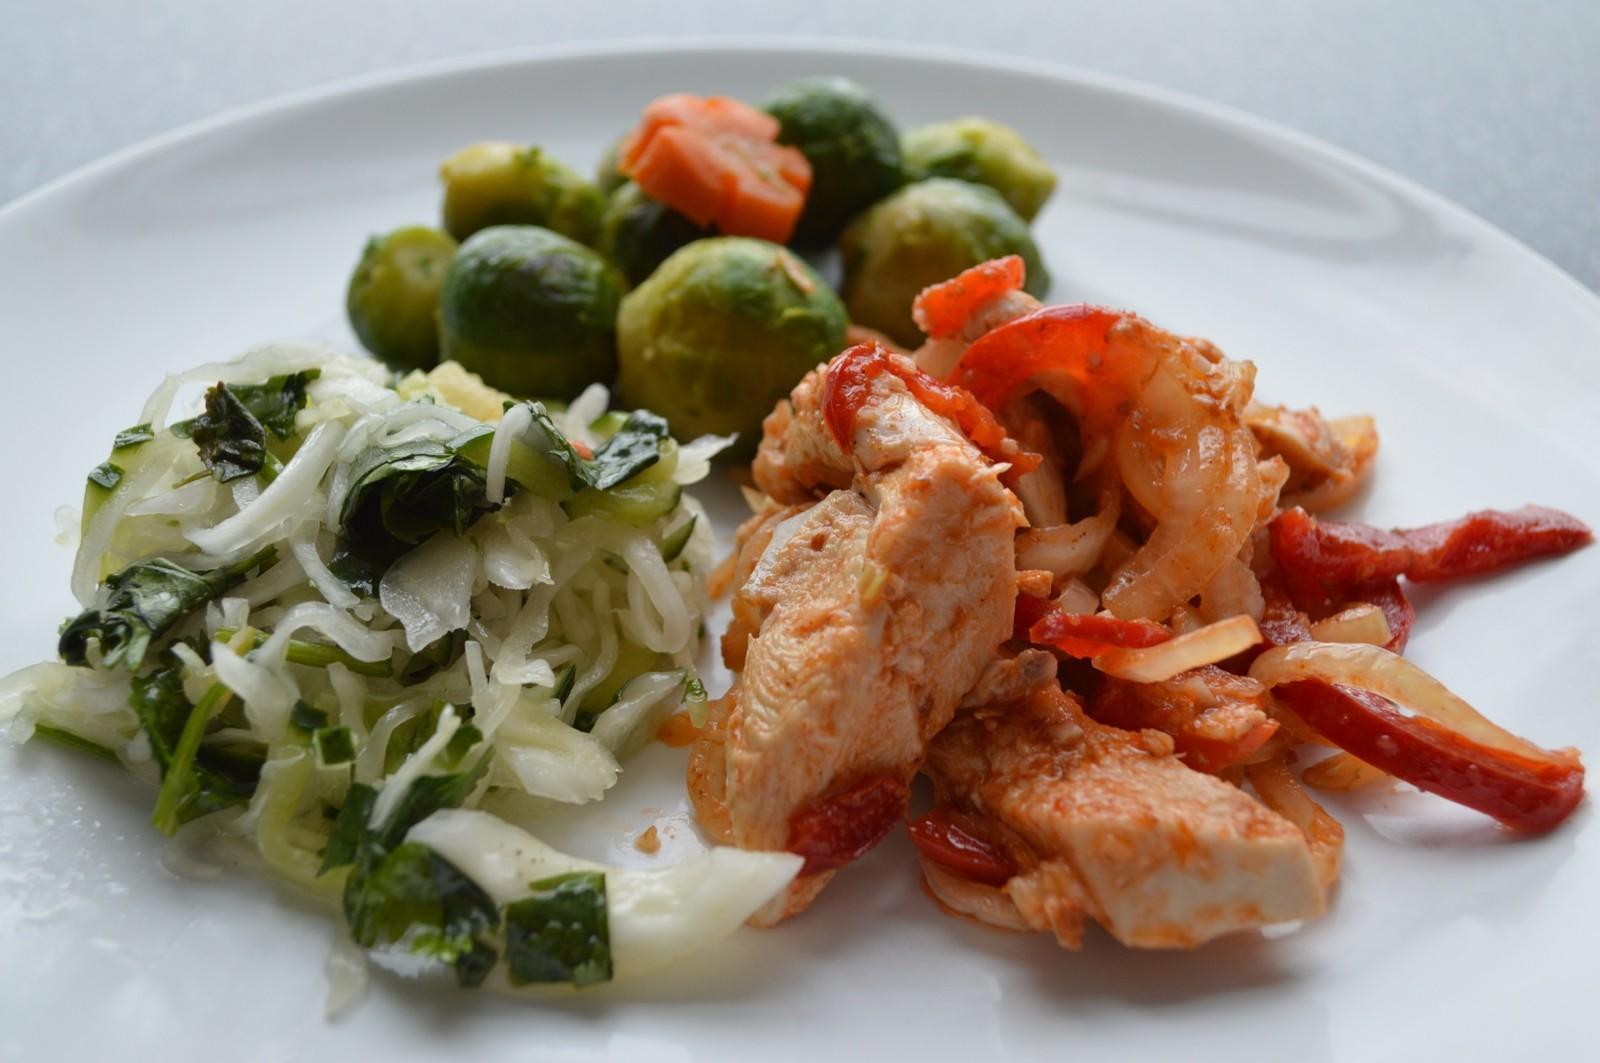 разгрузочный день : мясо плюс овощи